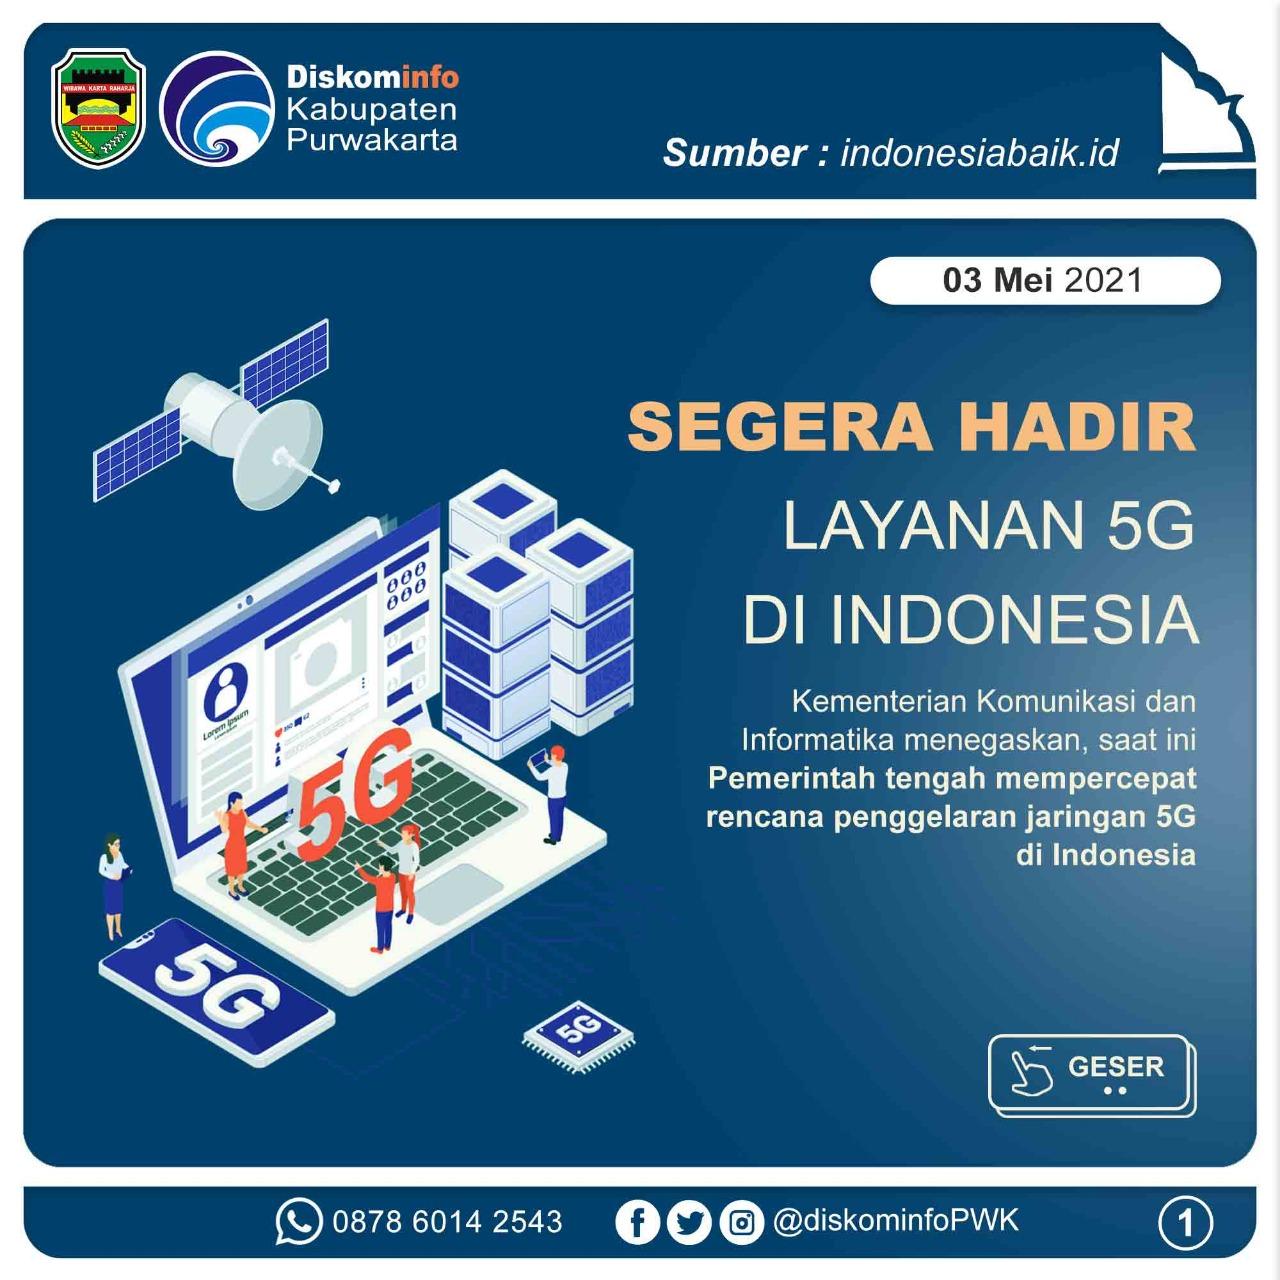 Segera Hadir Layanan 5G di Indonesia